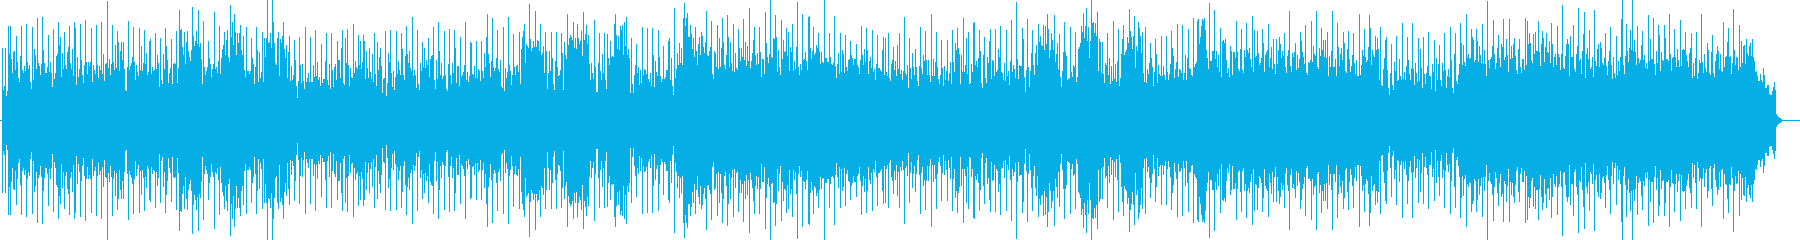 90年代オルタナ系ギターロックの再生済みの波形